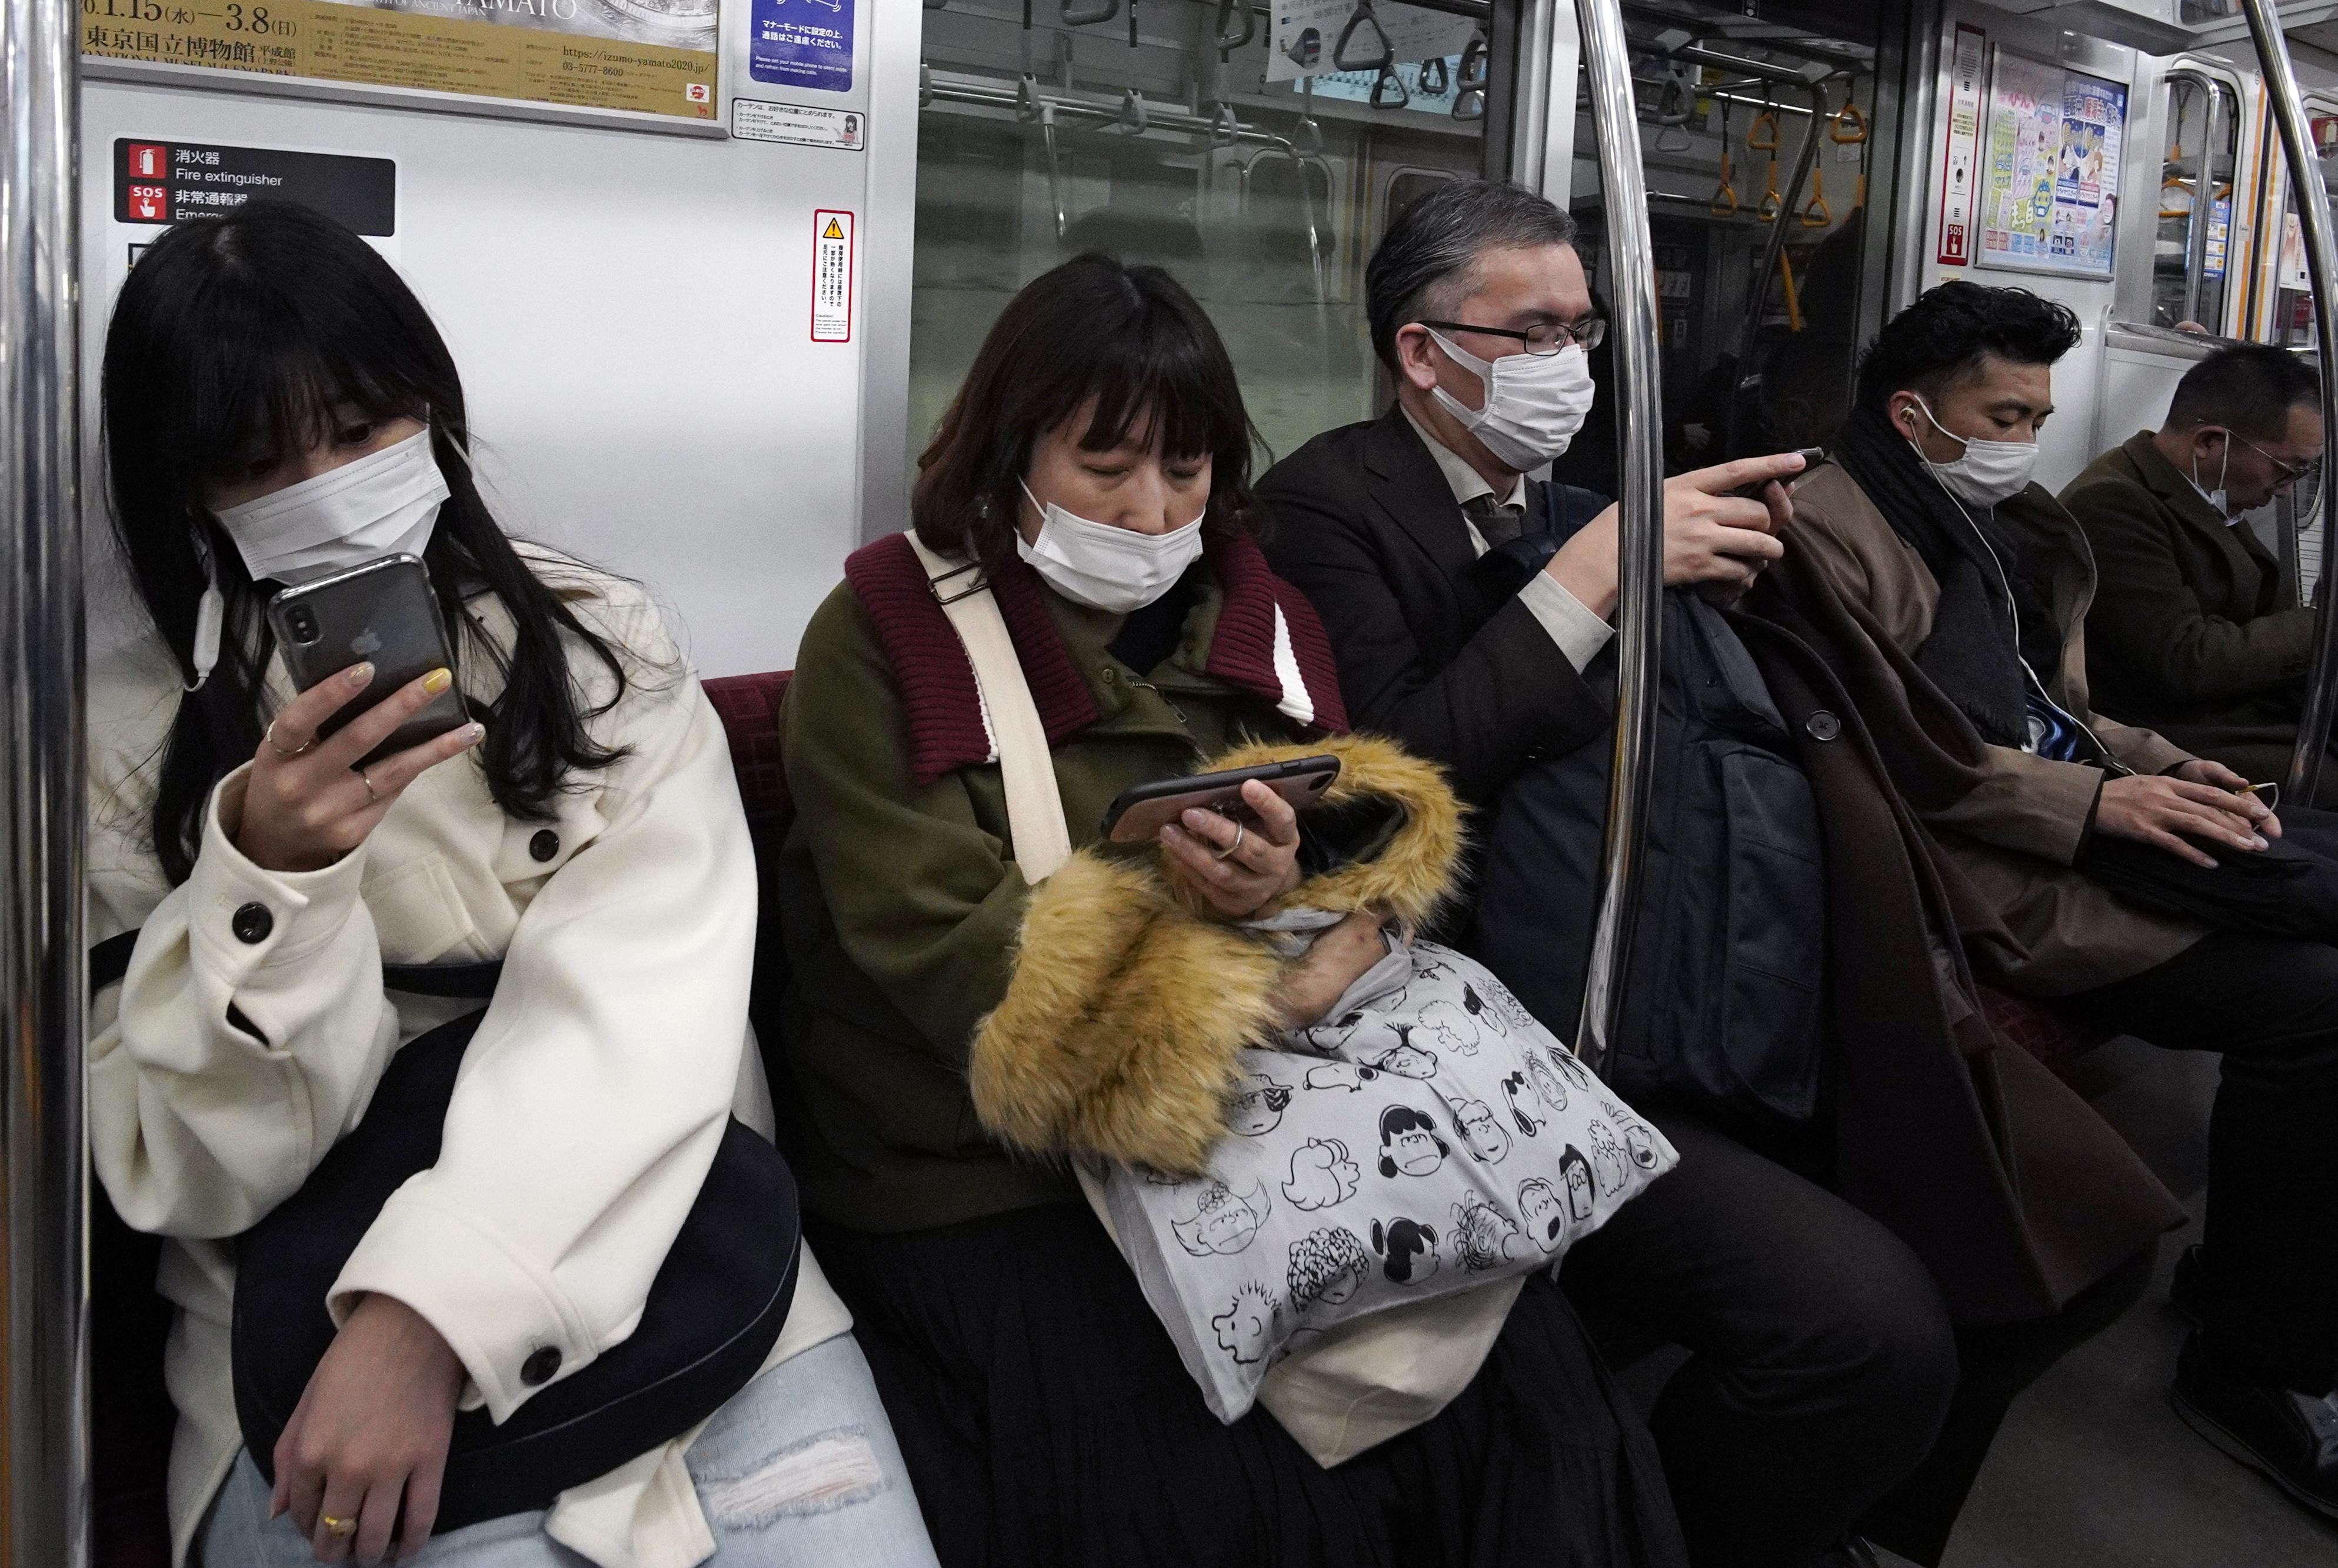 코로나 19의 충격이 확대되고 있는 가운데 일본 도쿄 지하철에서 승객들이 마스크를 끼고 있는 모습이다. 도쿄AP/연합뉴스 제공